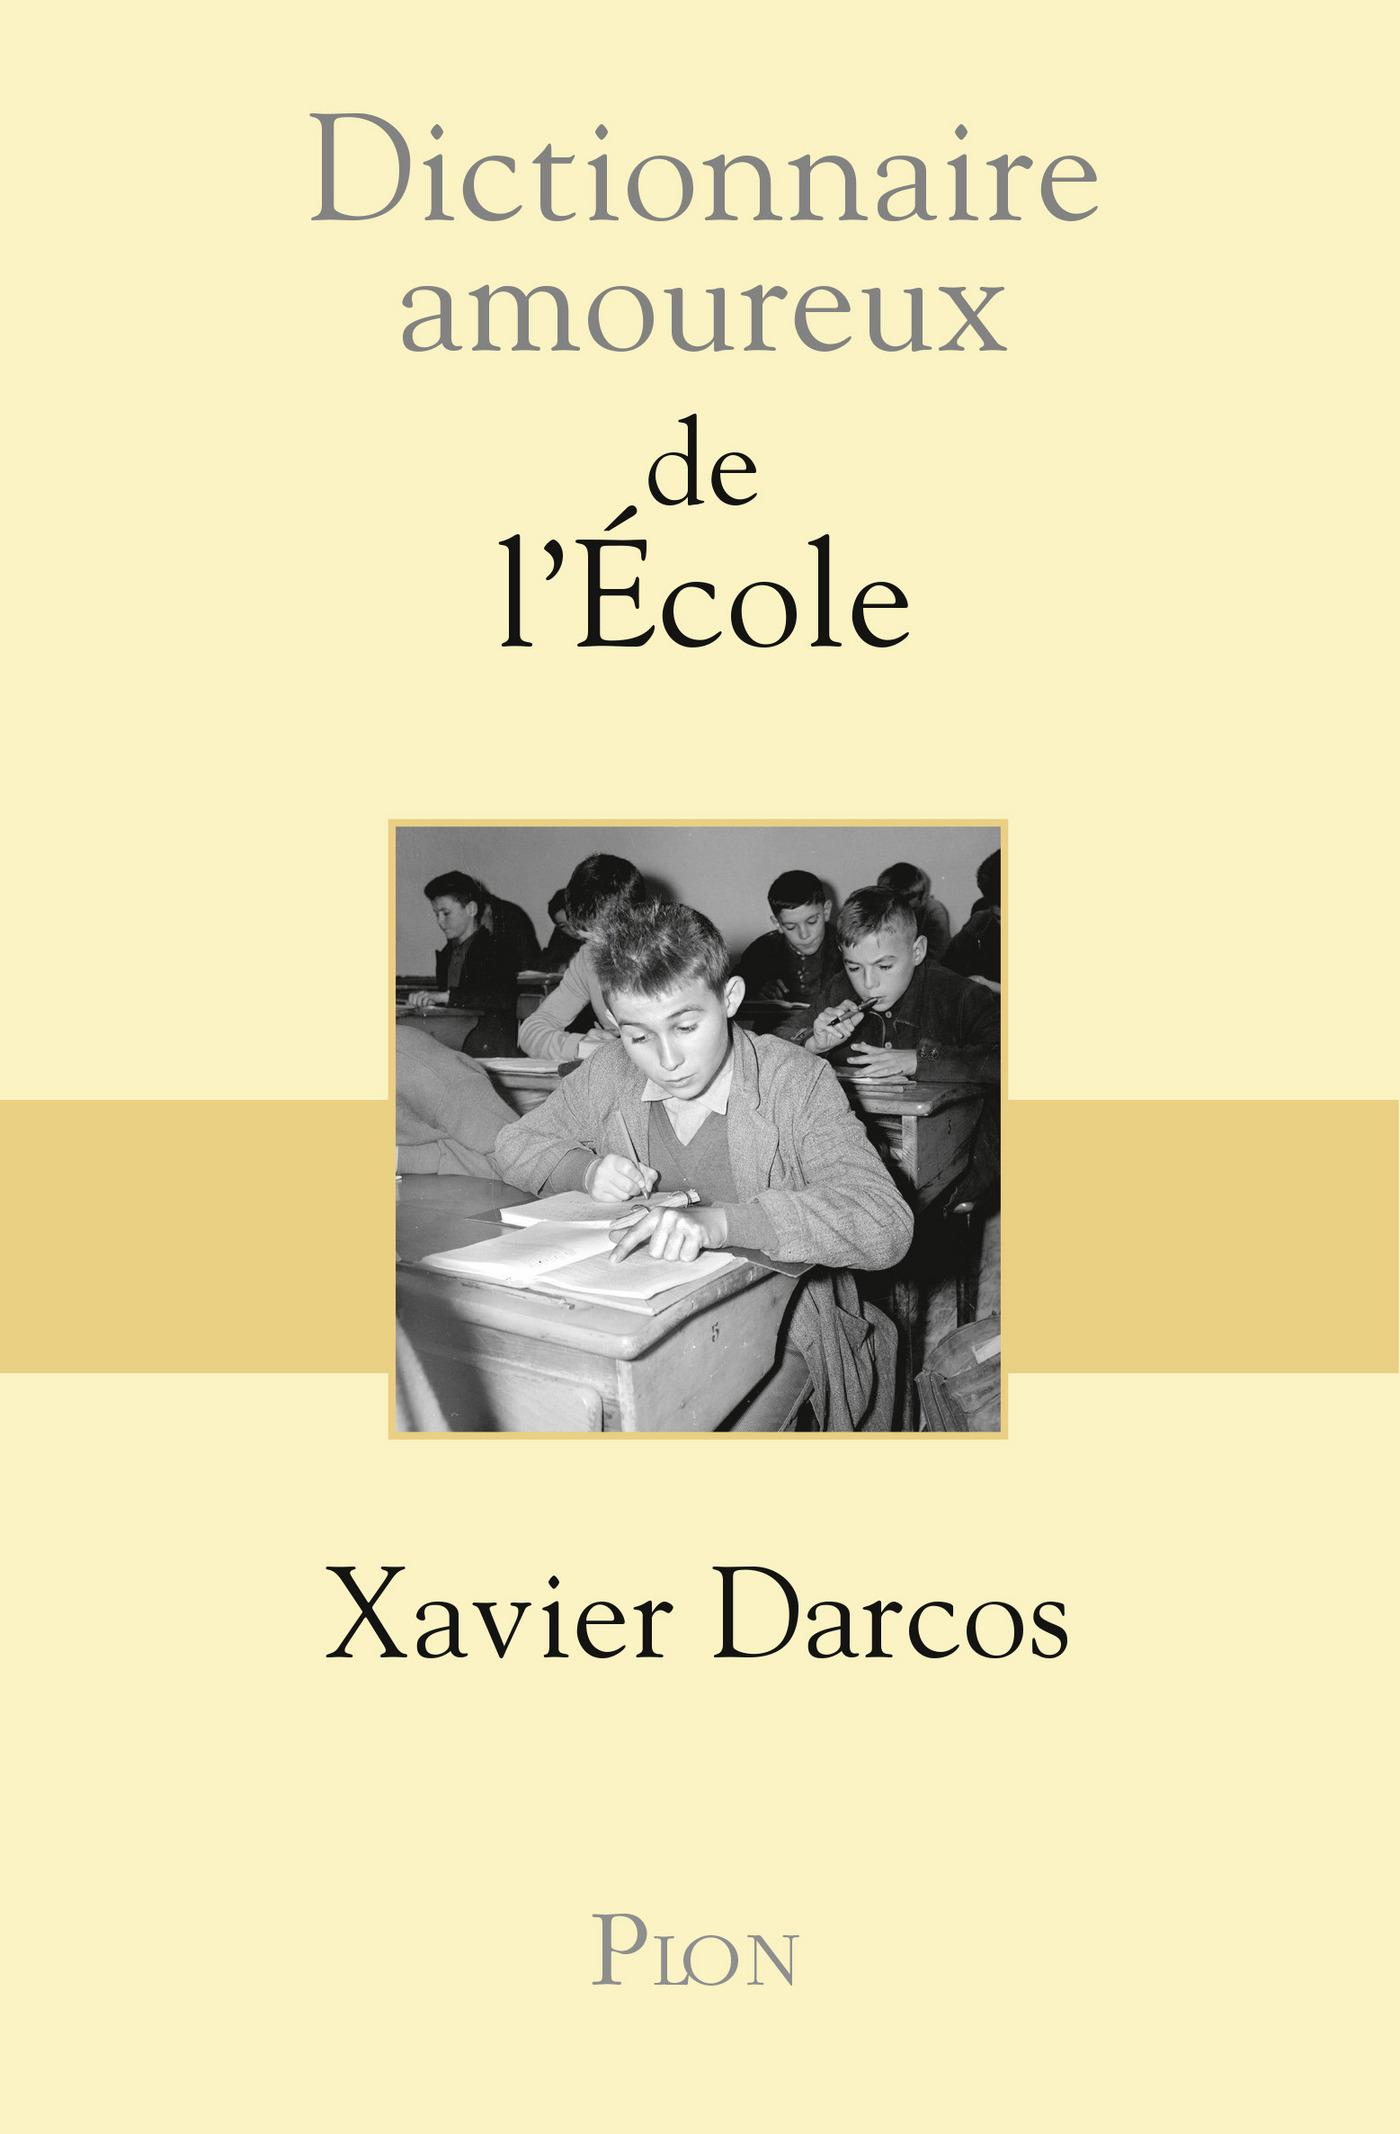 Dictionnaire amoureux de l'école (ebook)